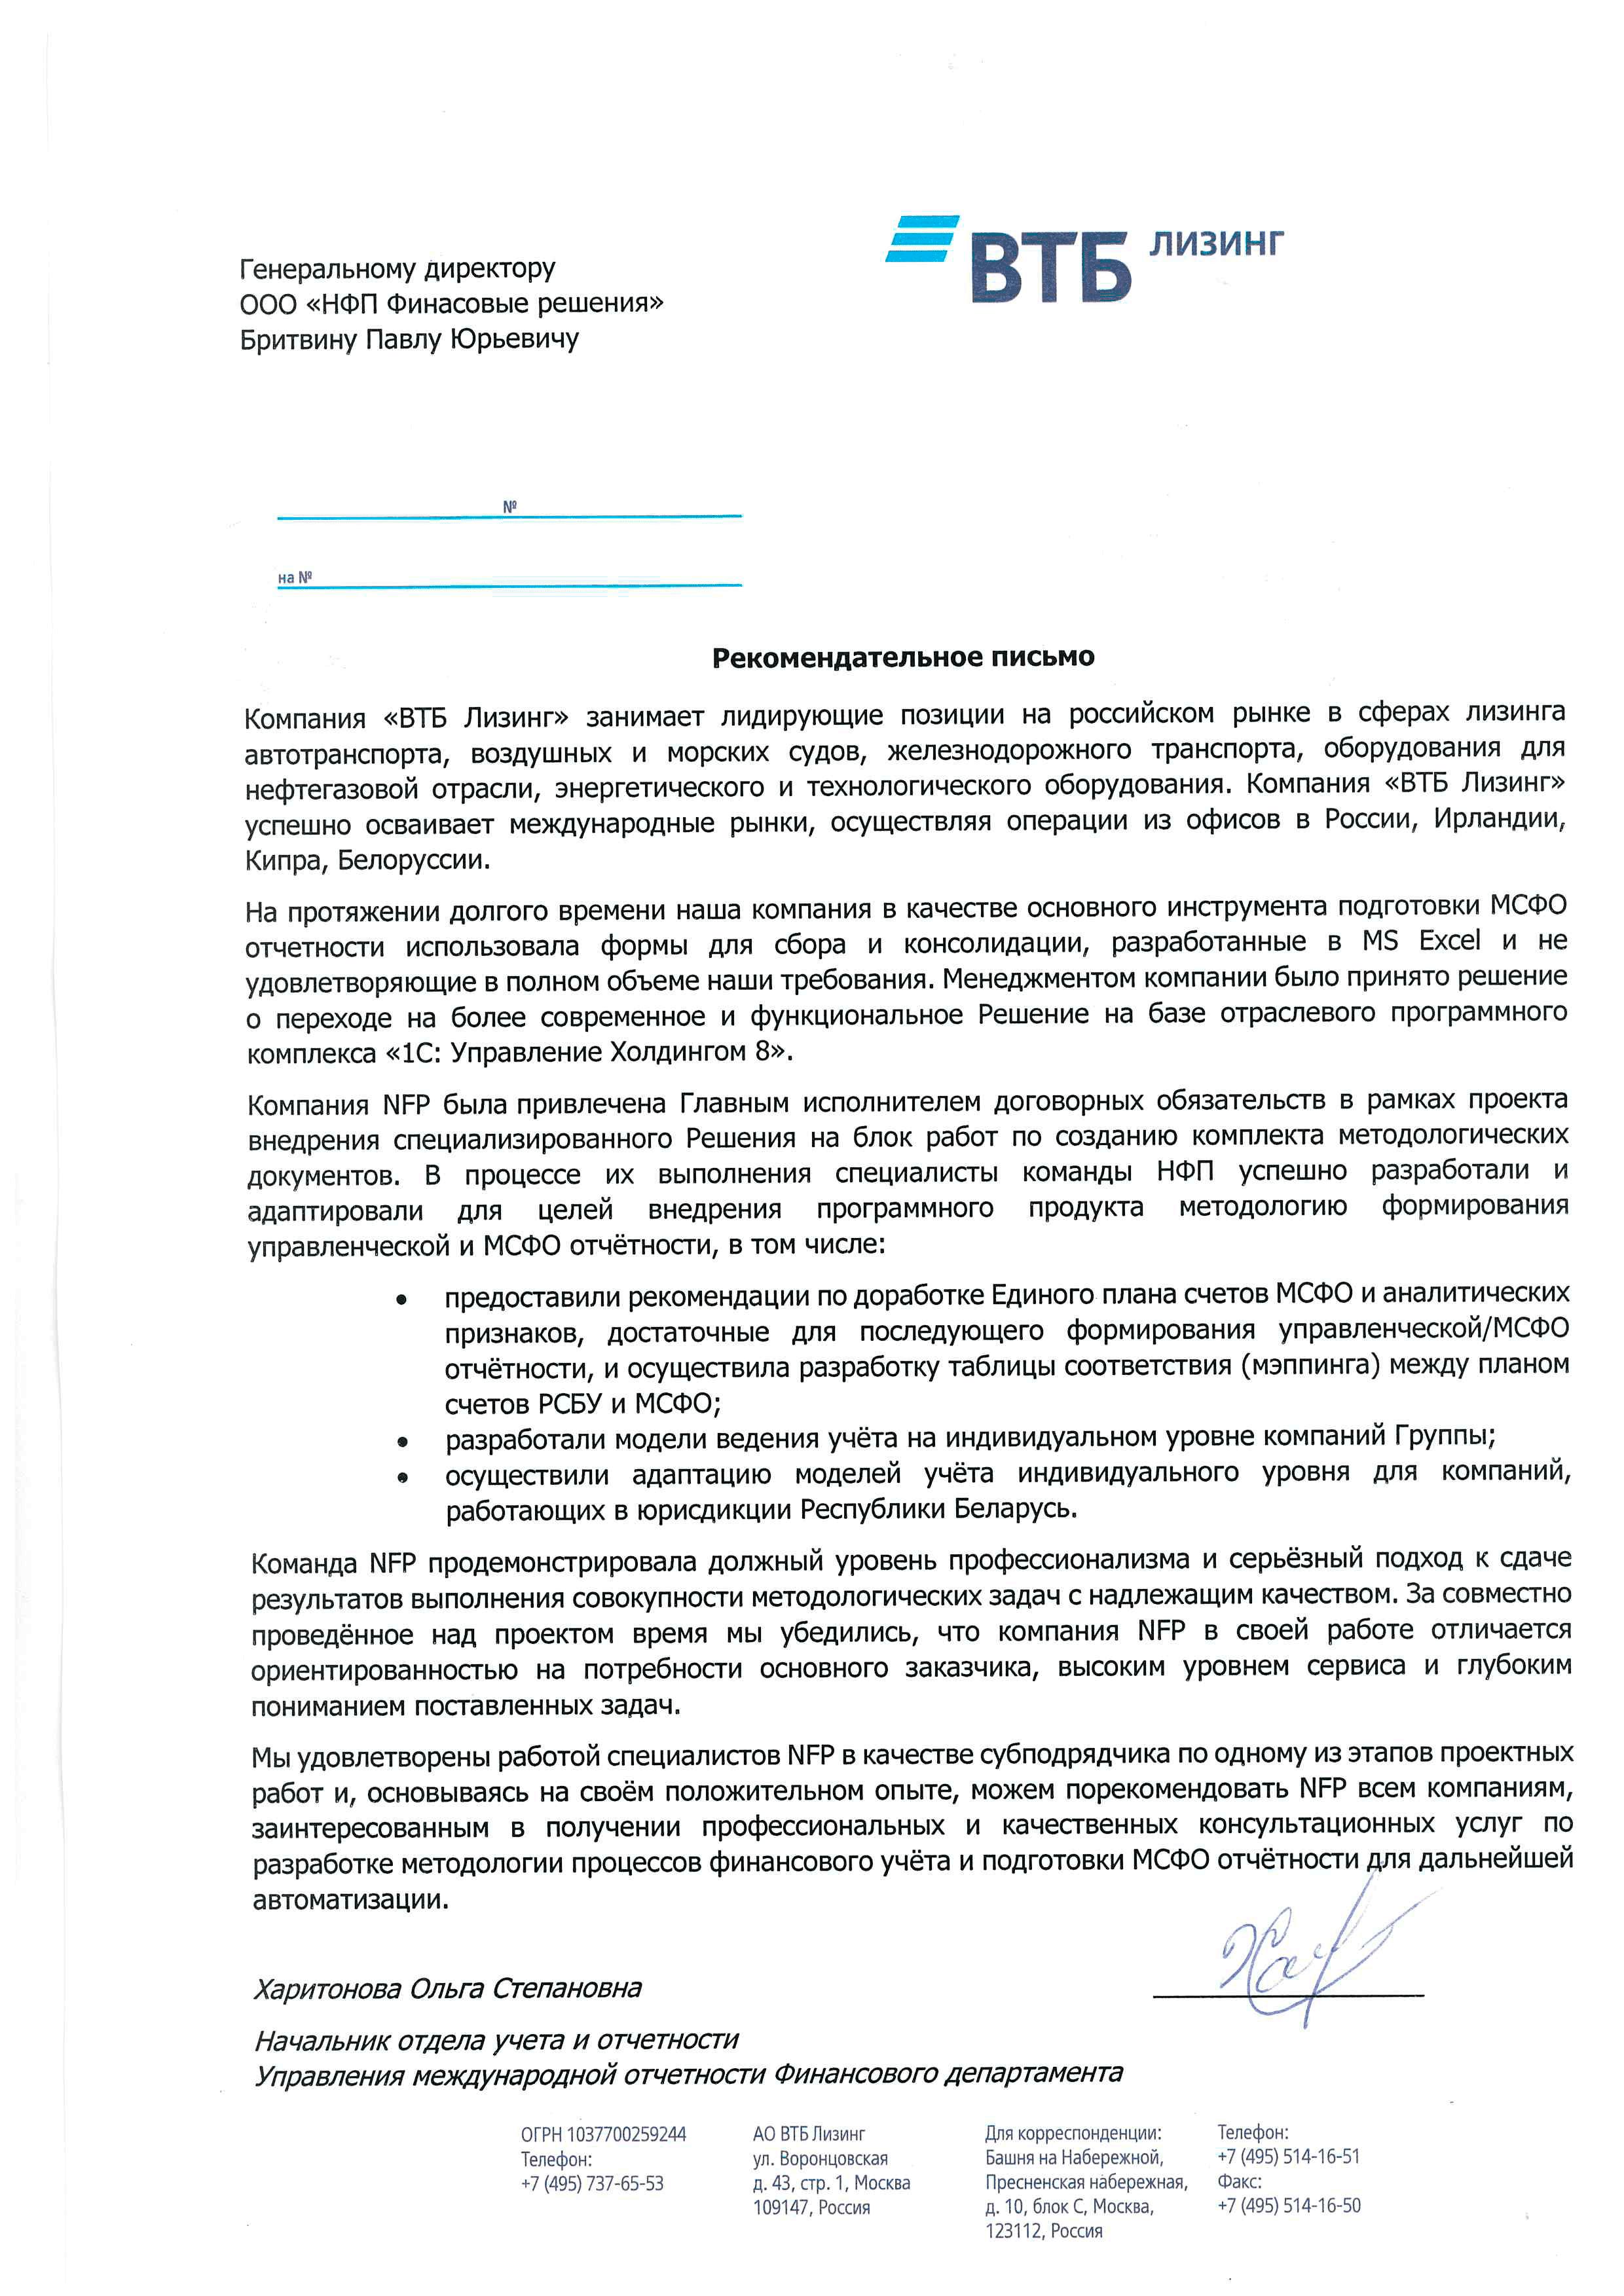 ВТБ-Лизинг_1 консолидация